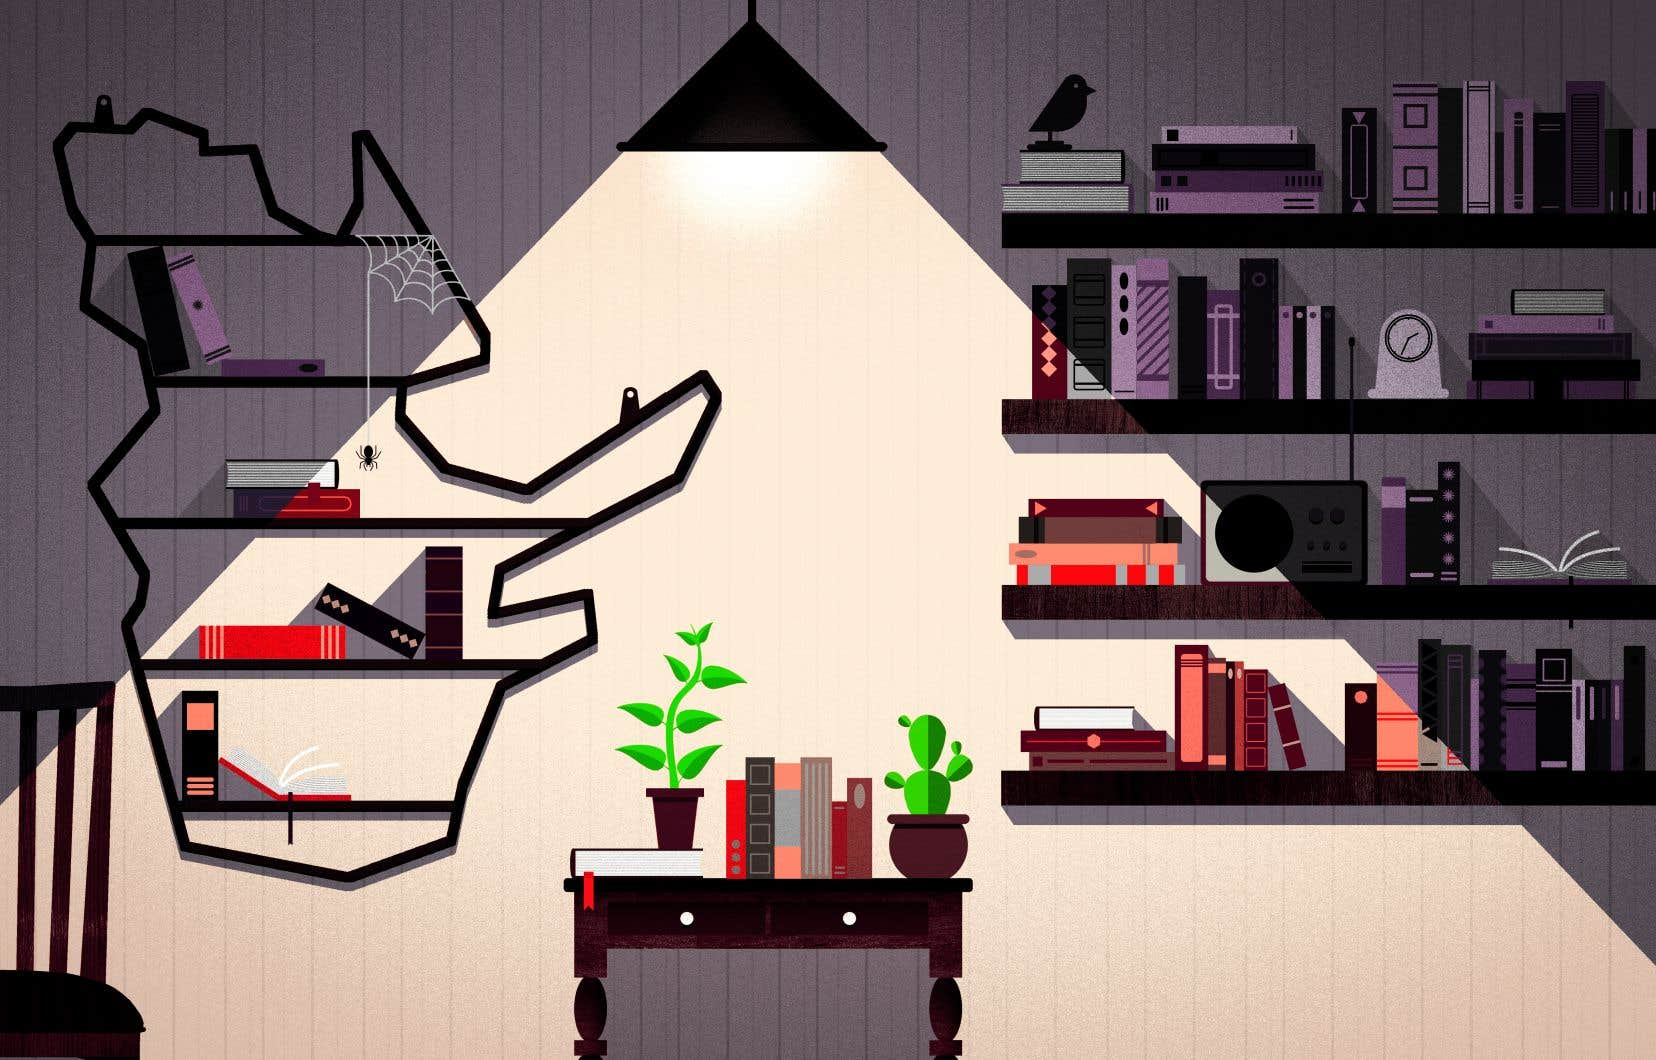 Au-delà des bons livres subissant un destin injuste, plusieurs bons livres ne demeureront que fiction, parce qu'ils n'ont tout simplement pas été écrits.